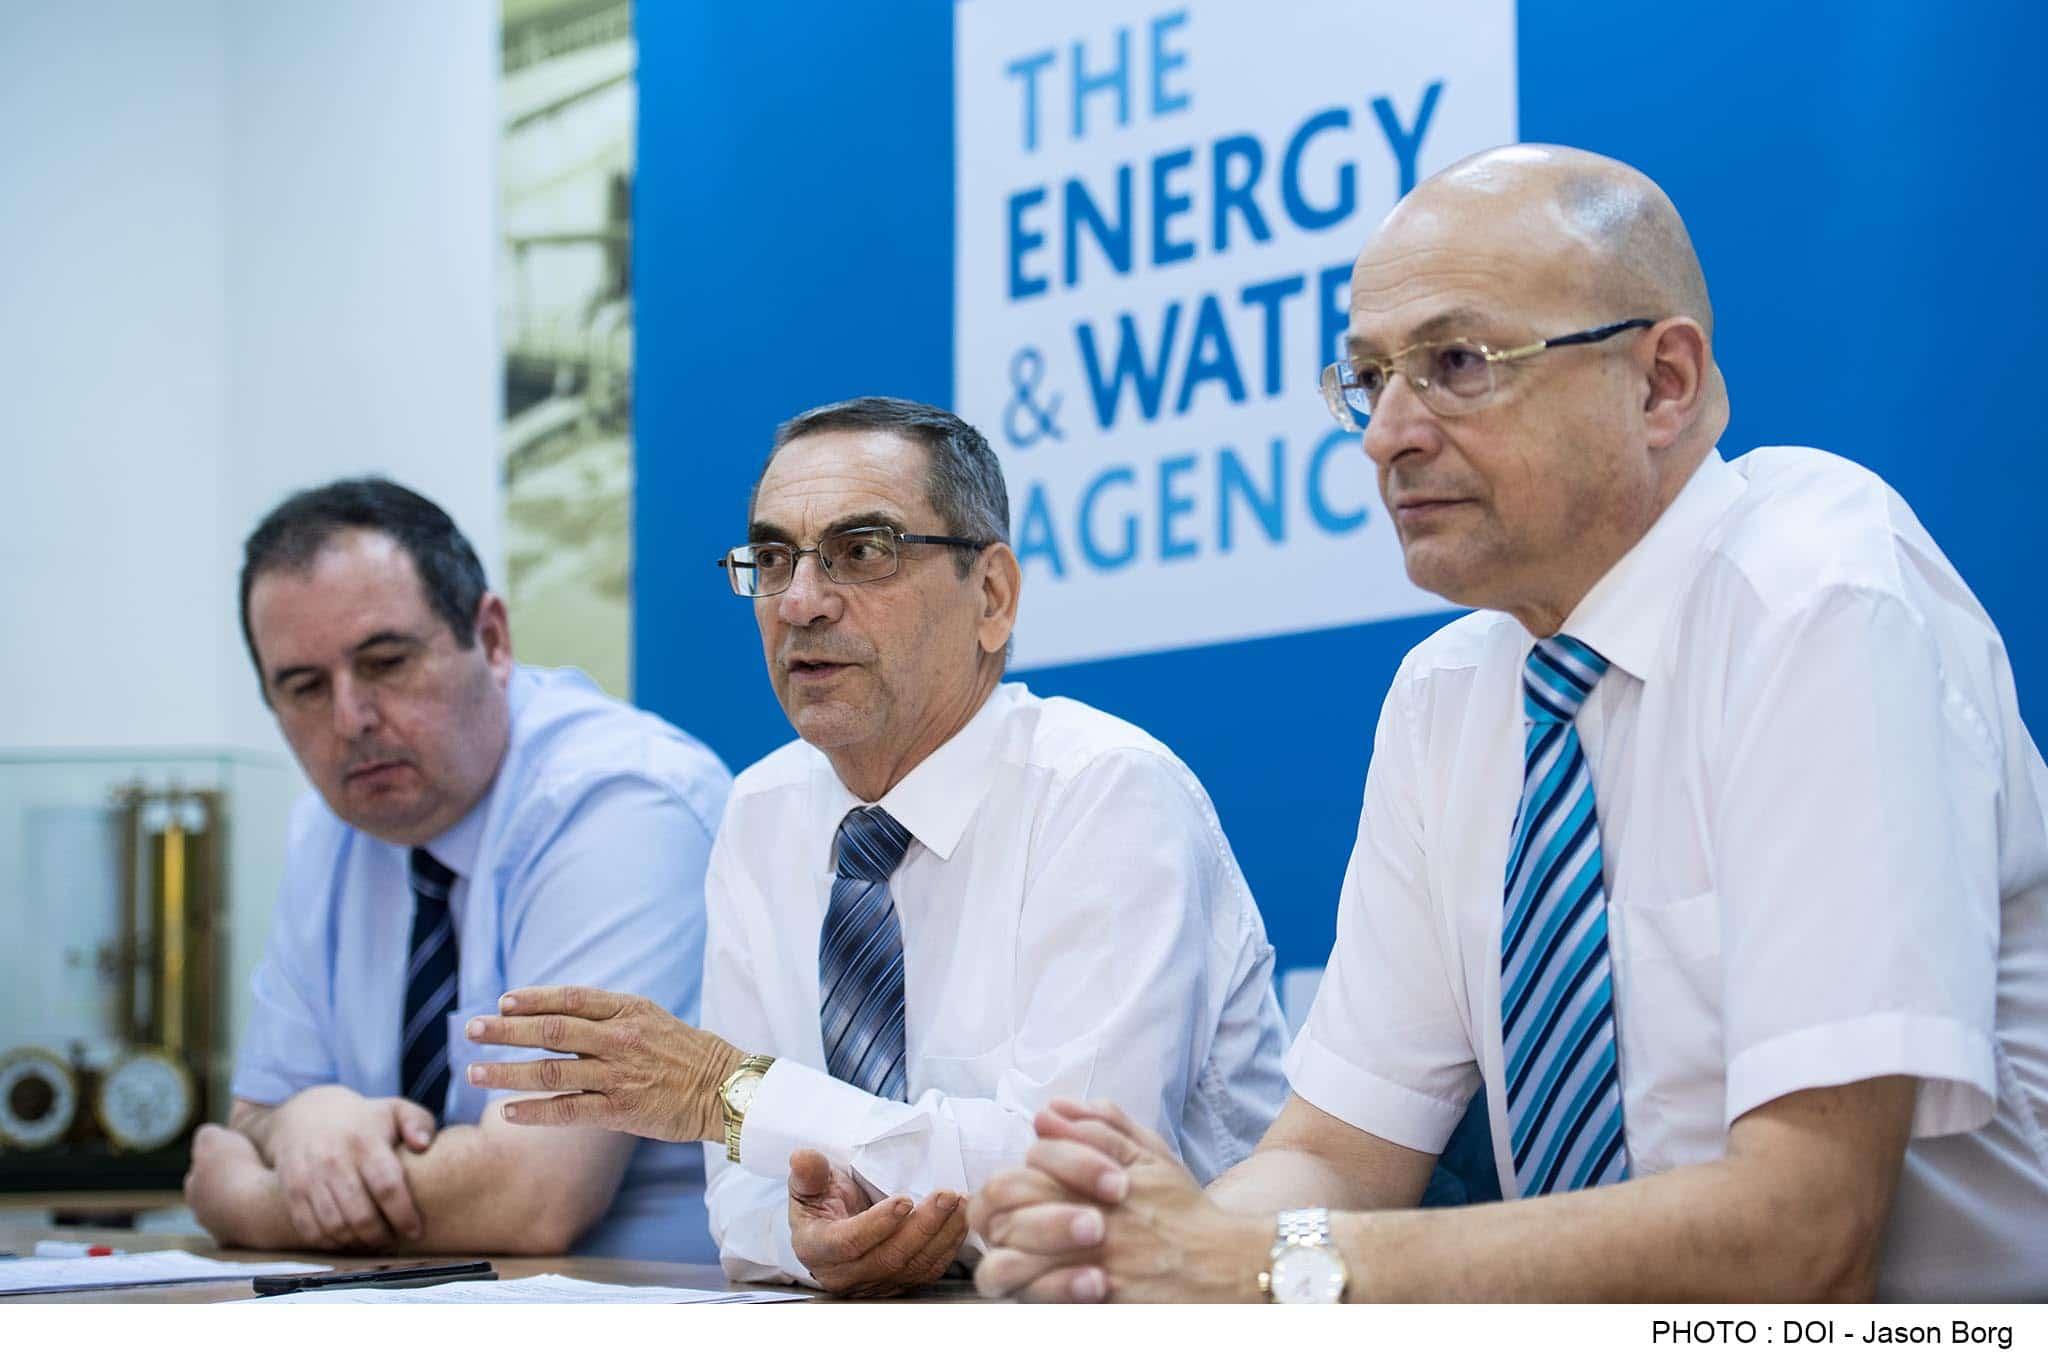 Vulnerable households energy scheme